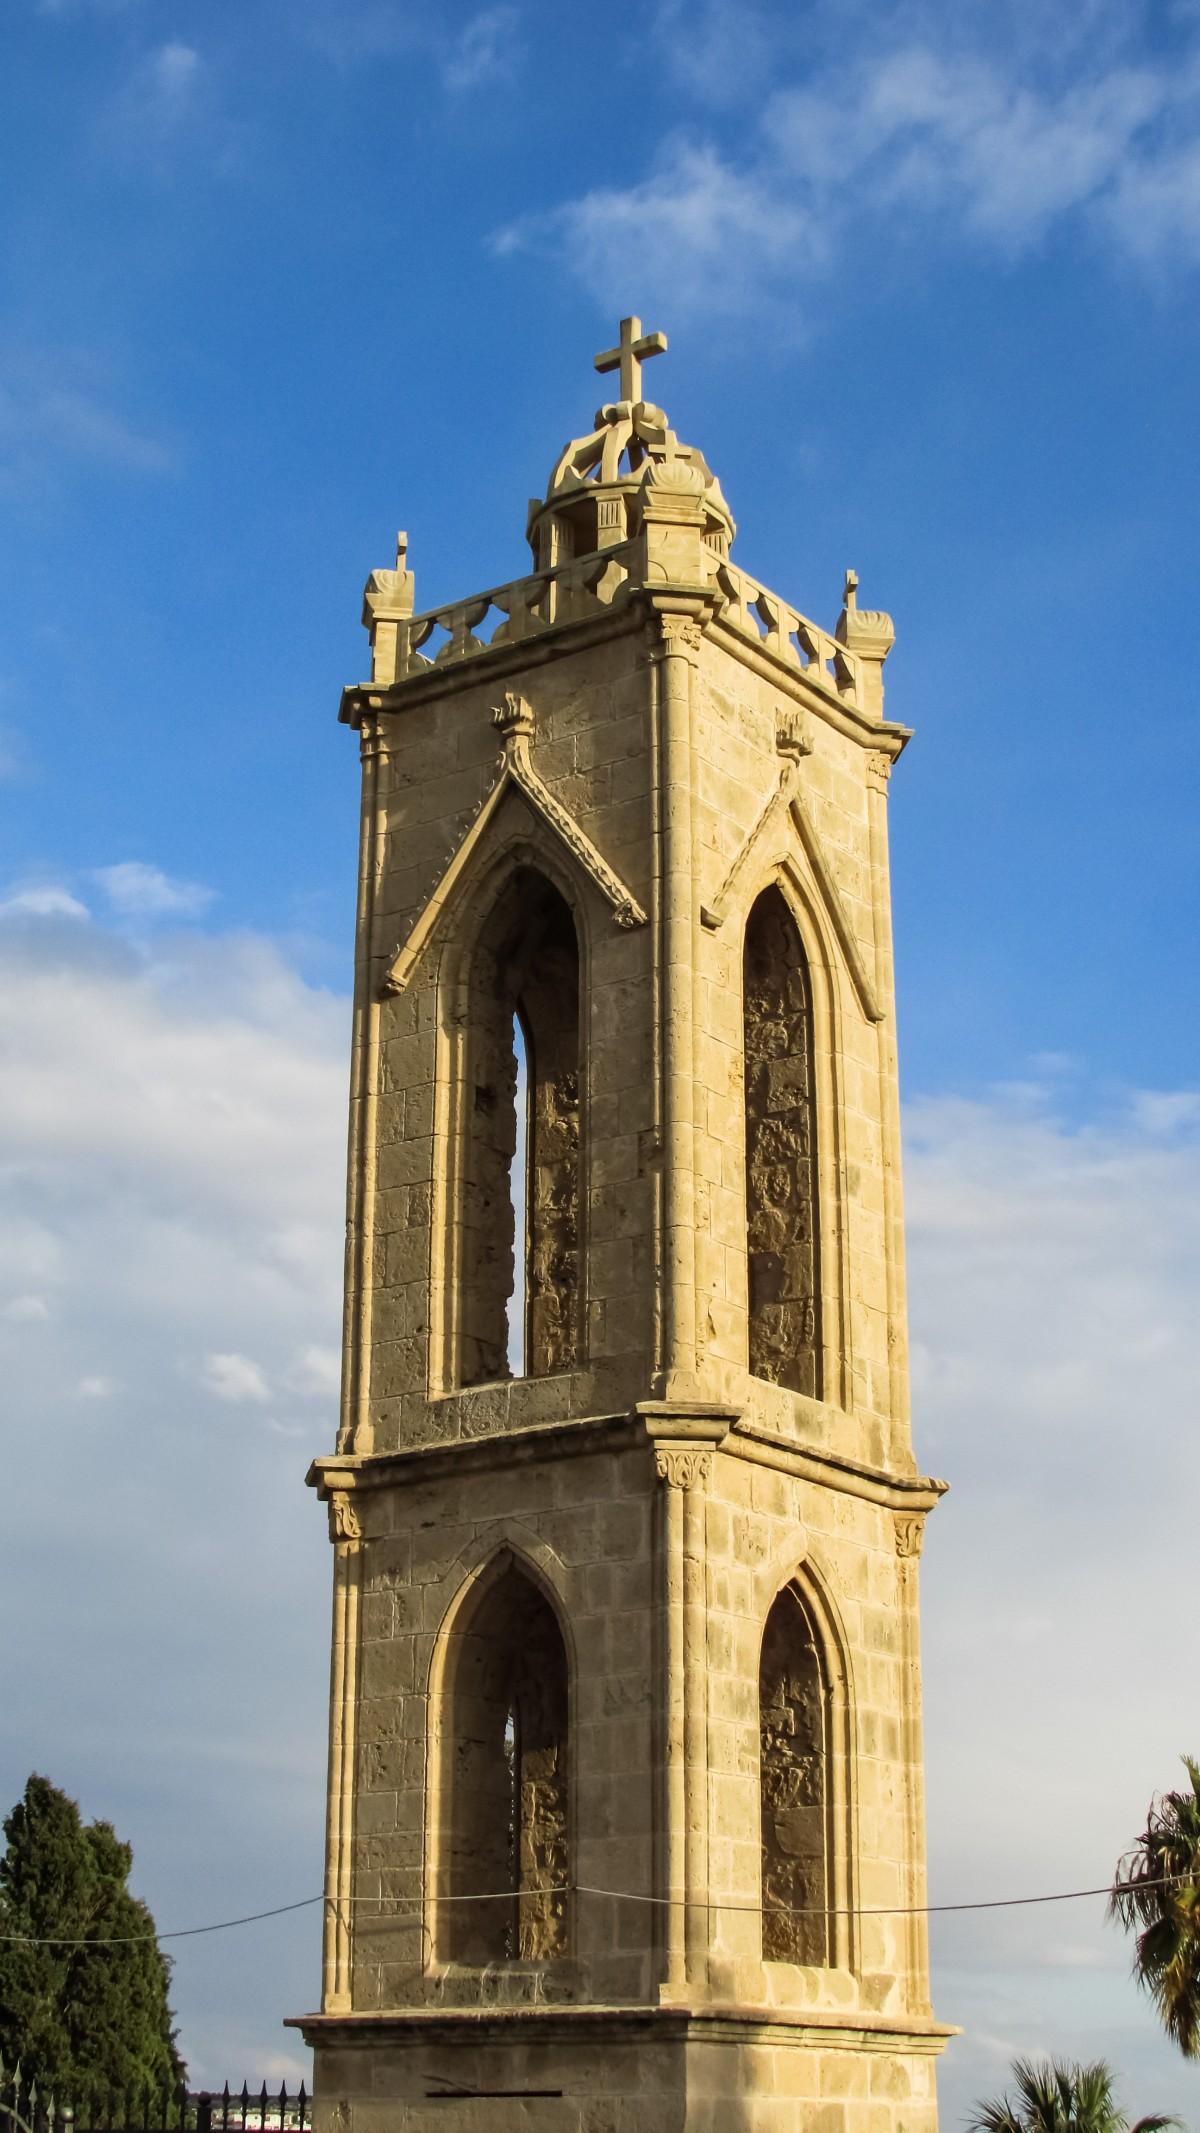 Gambar  atap bangunan tengara Italia Katedral kapel